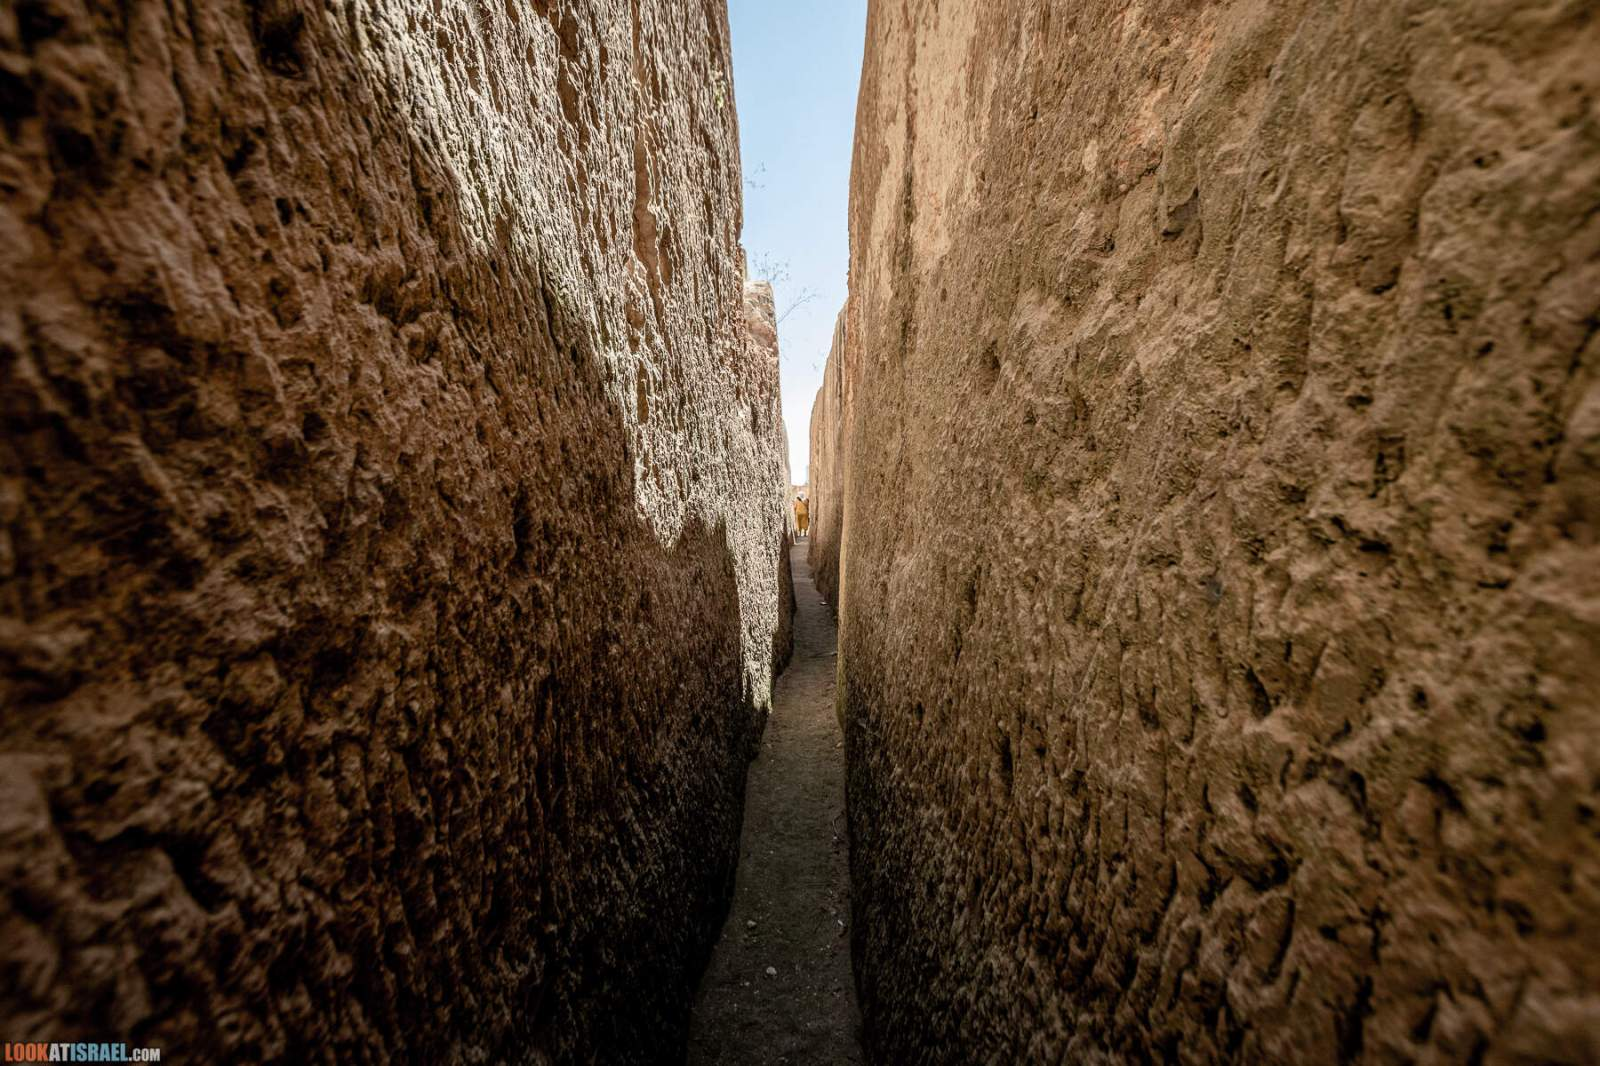 Гробница Пророка Самуила Наби Самуил, Иерусалим   LookAtIsrael.com - Фото путешествия по Израилю